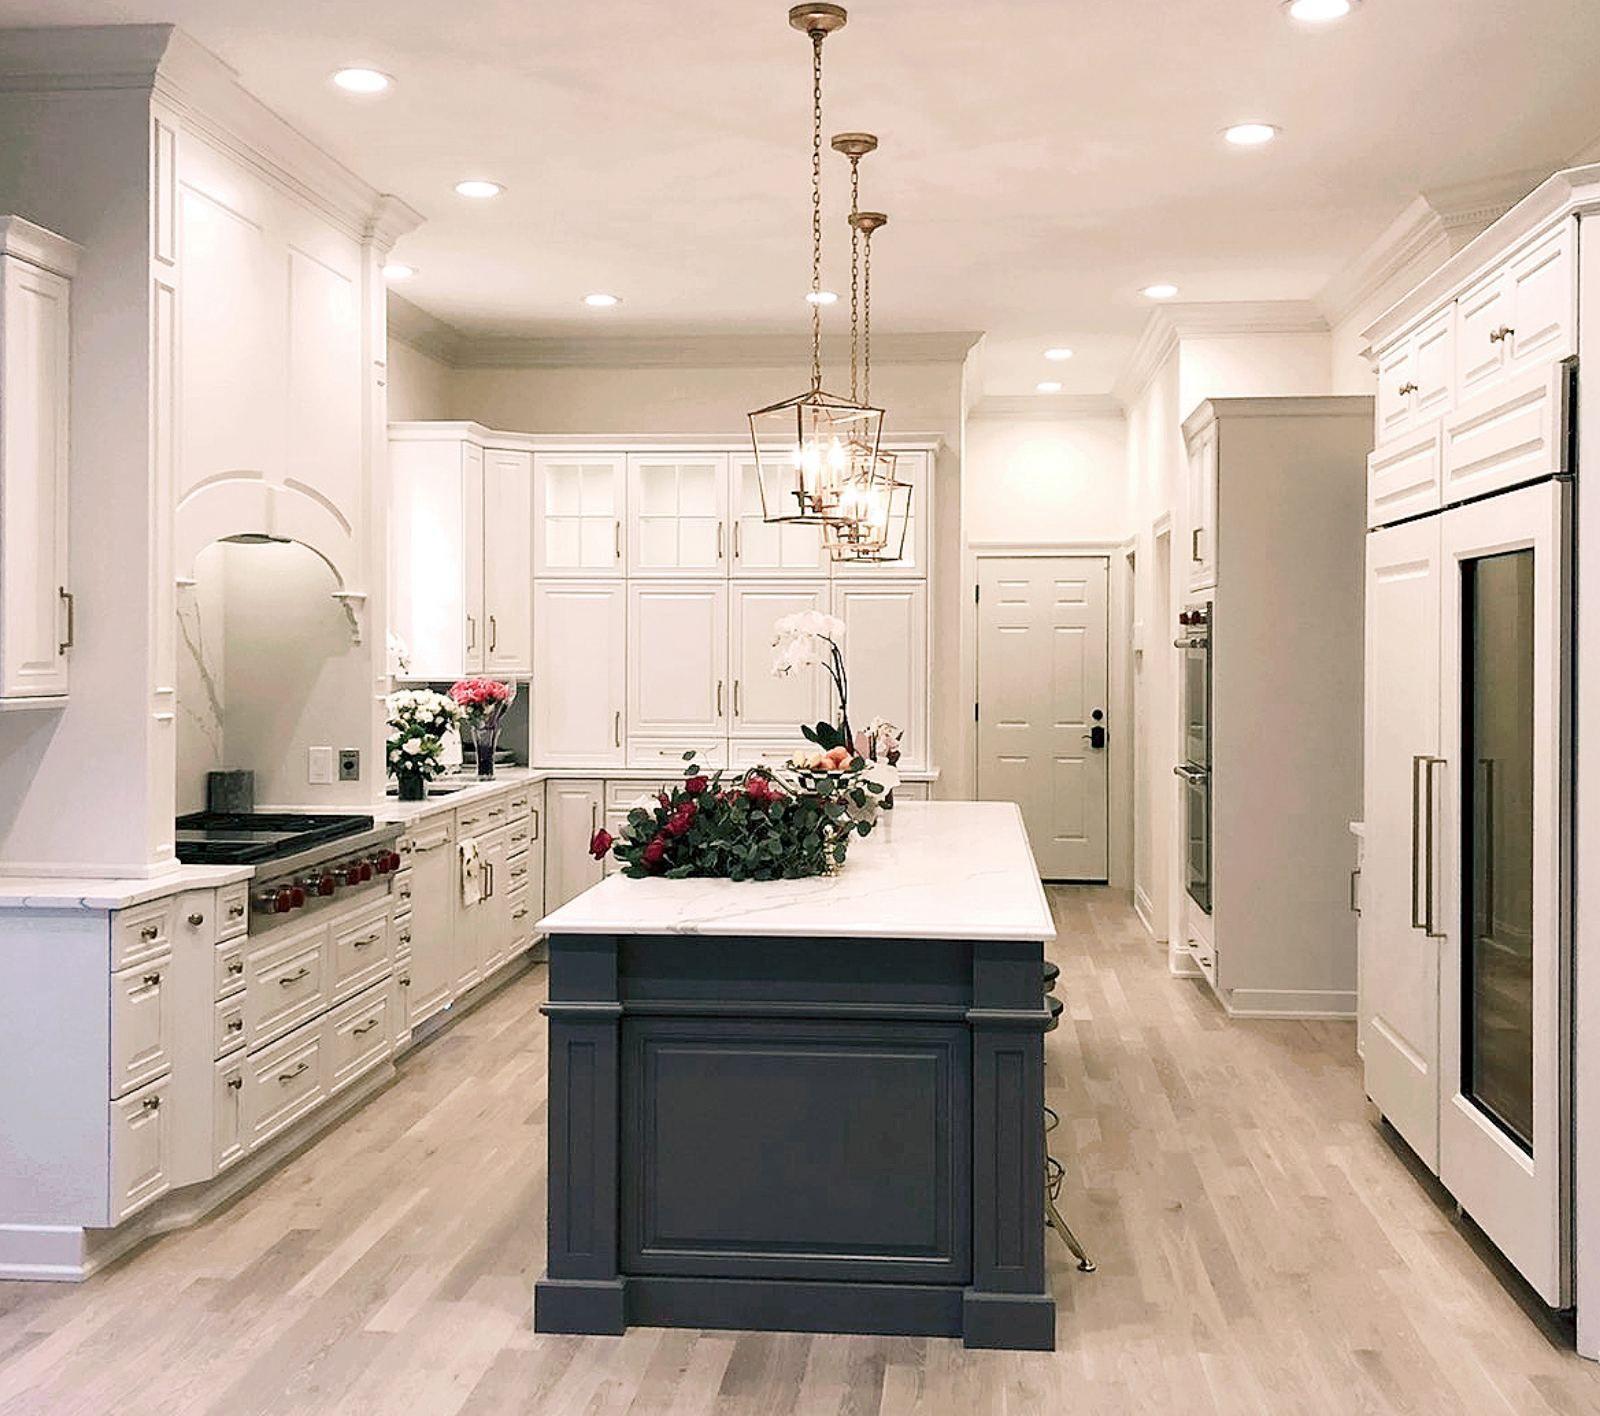 Kitchen Remodel Rochester New York in 2020   Kitchen ...